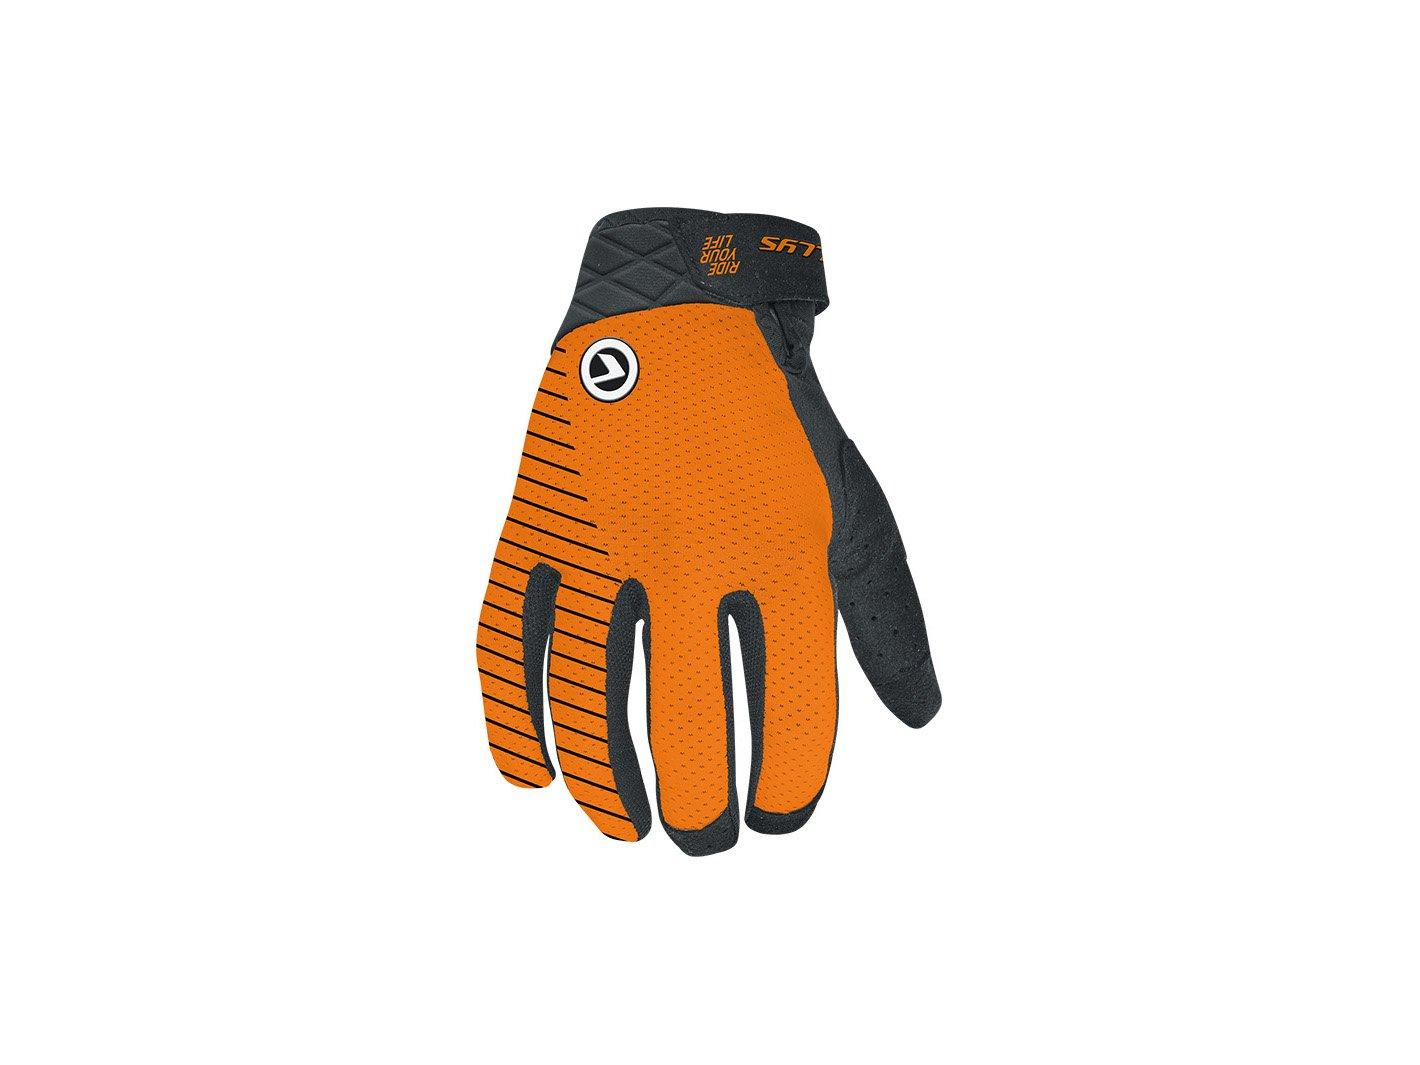 Перчатки велосипедные RELIC Long, оранжевый  (Размер: M)